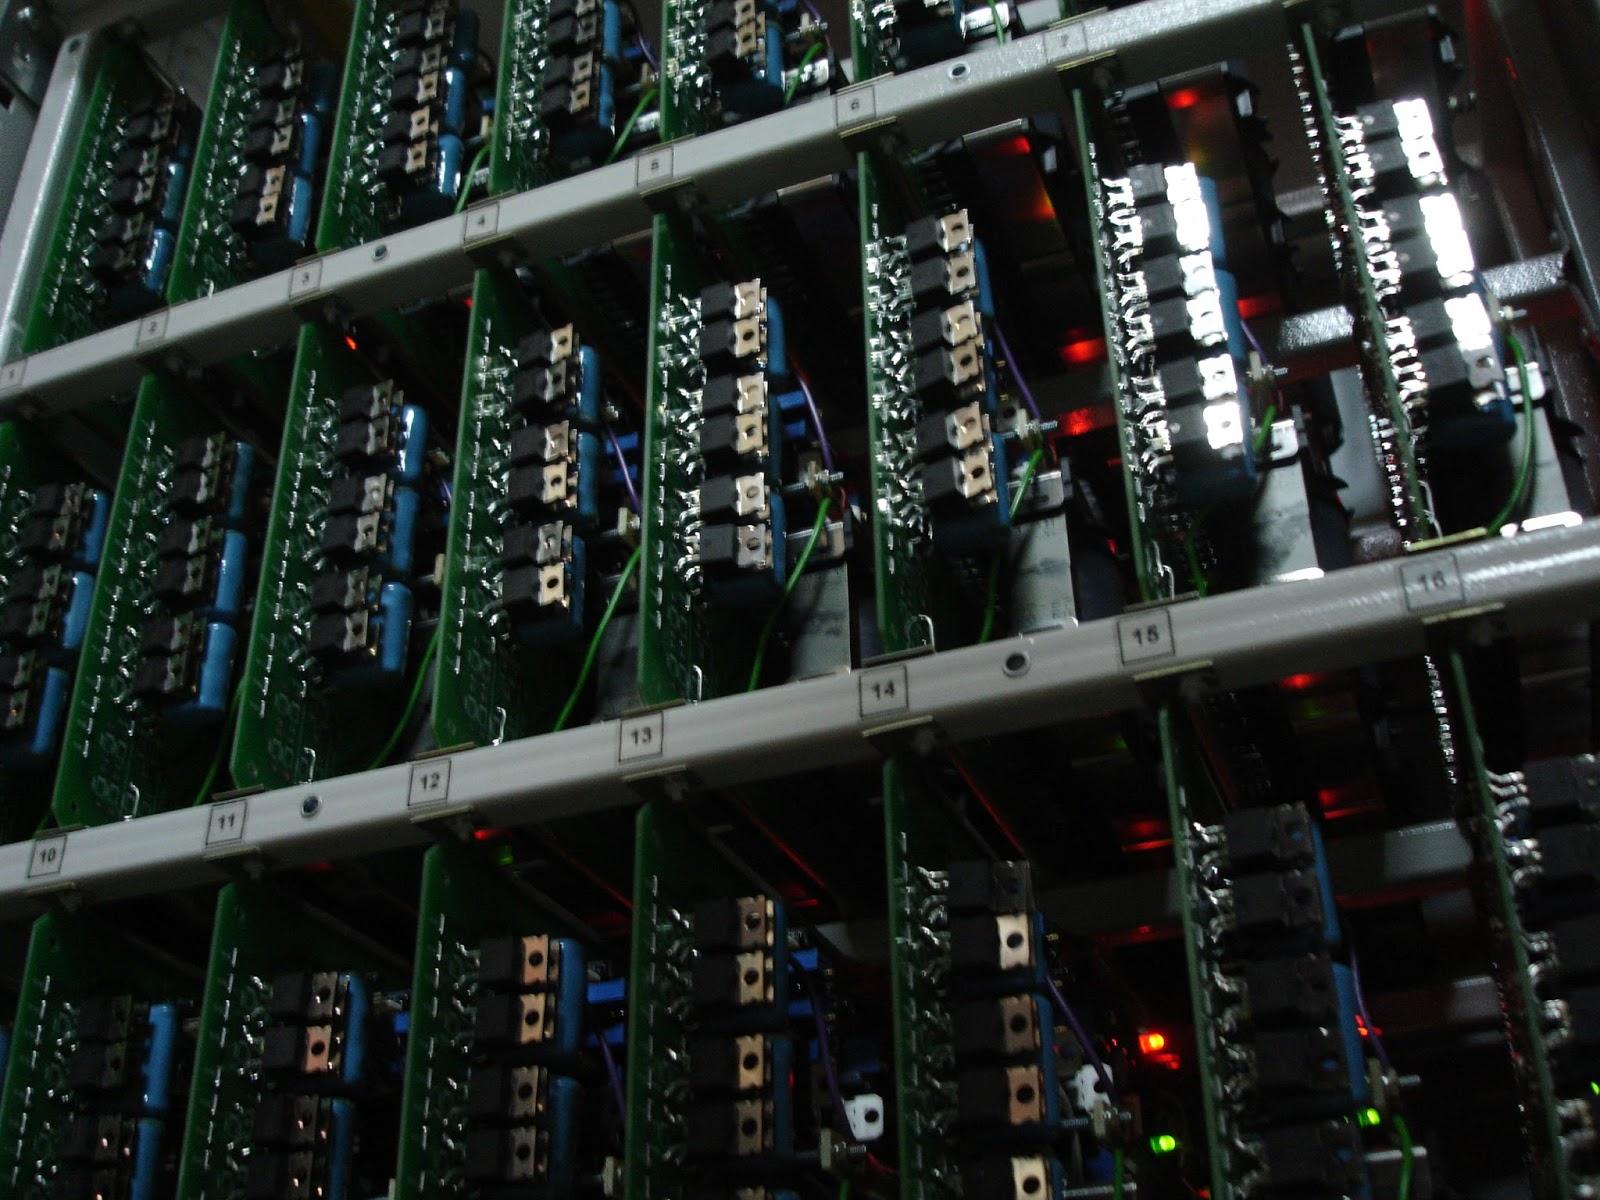 Размещение кассет каналов в источнике